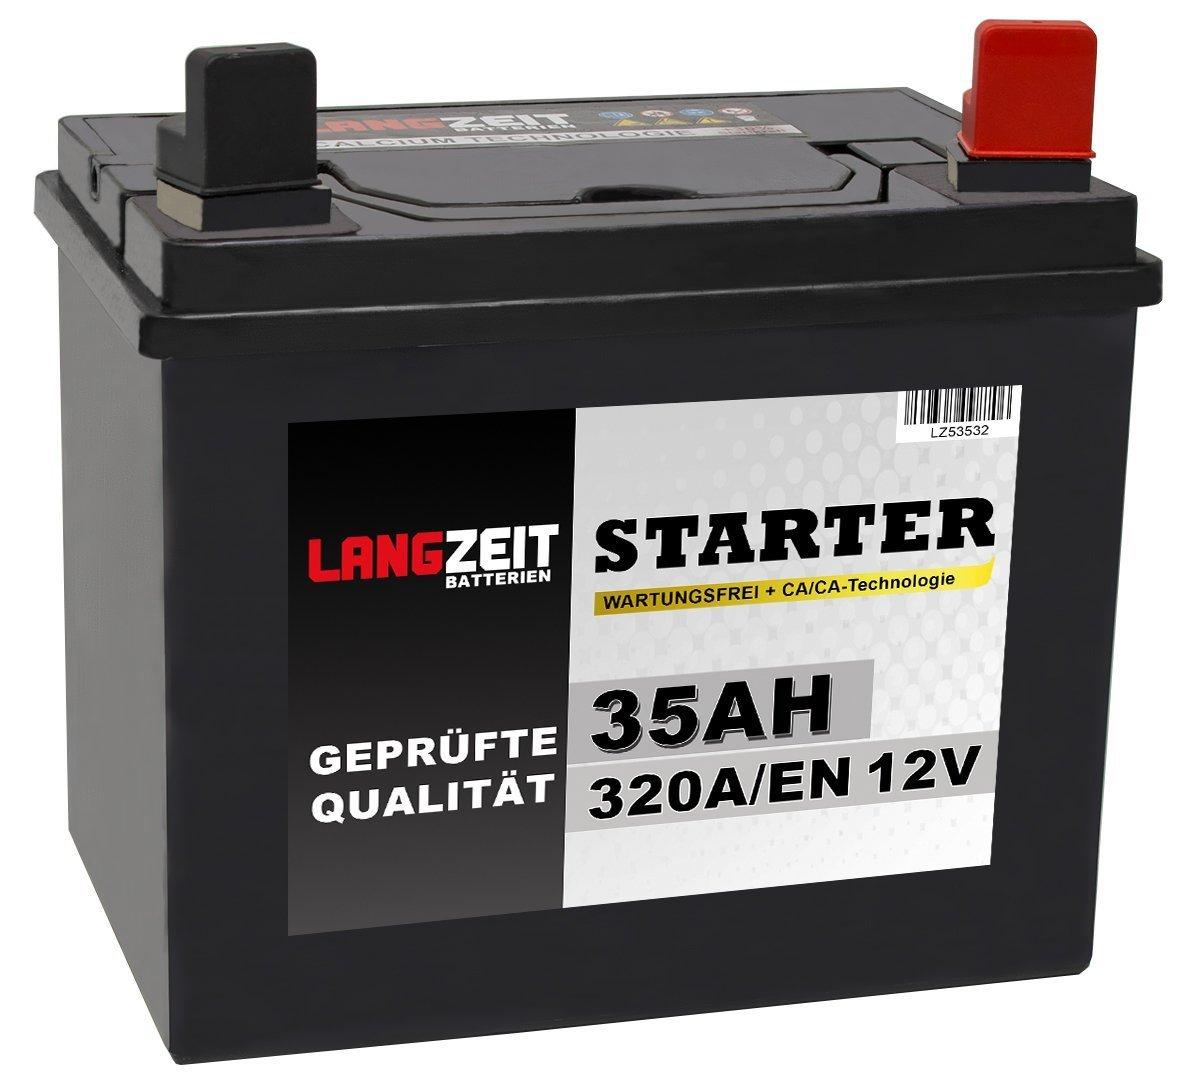 Langzeit Batterie 35Ah 12V Rasentraktor Starterbatterie Aufsitzm/äher Rasenm/äher Plus Pol RECHTS statt 26Ah 30Ah 32Ah